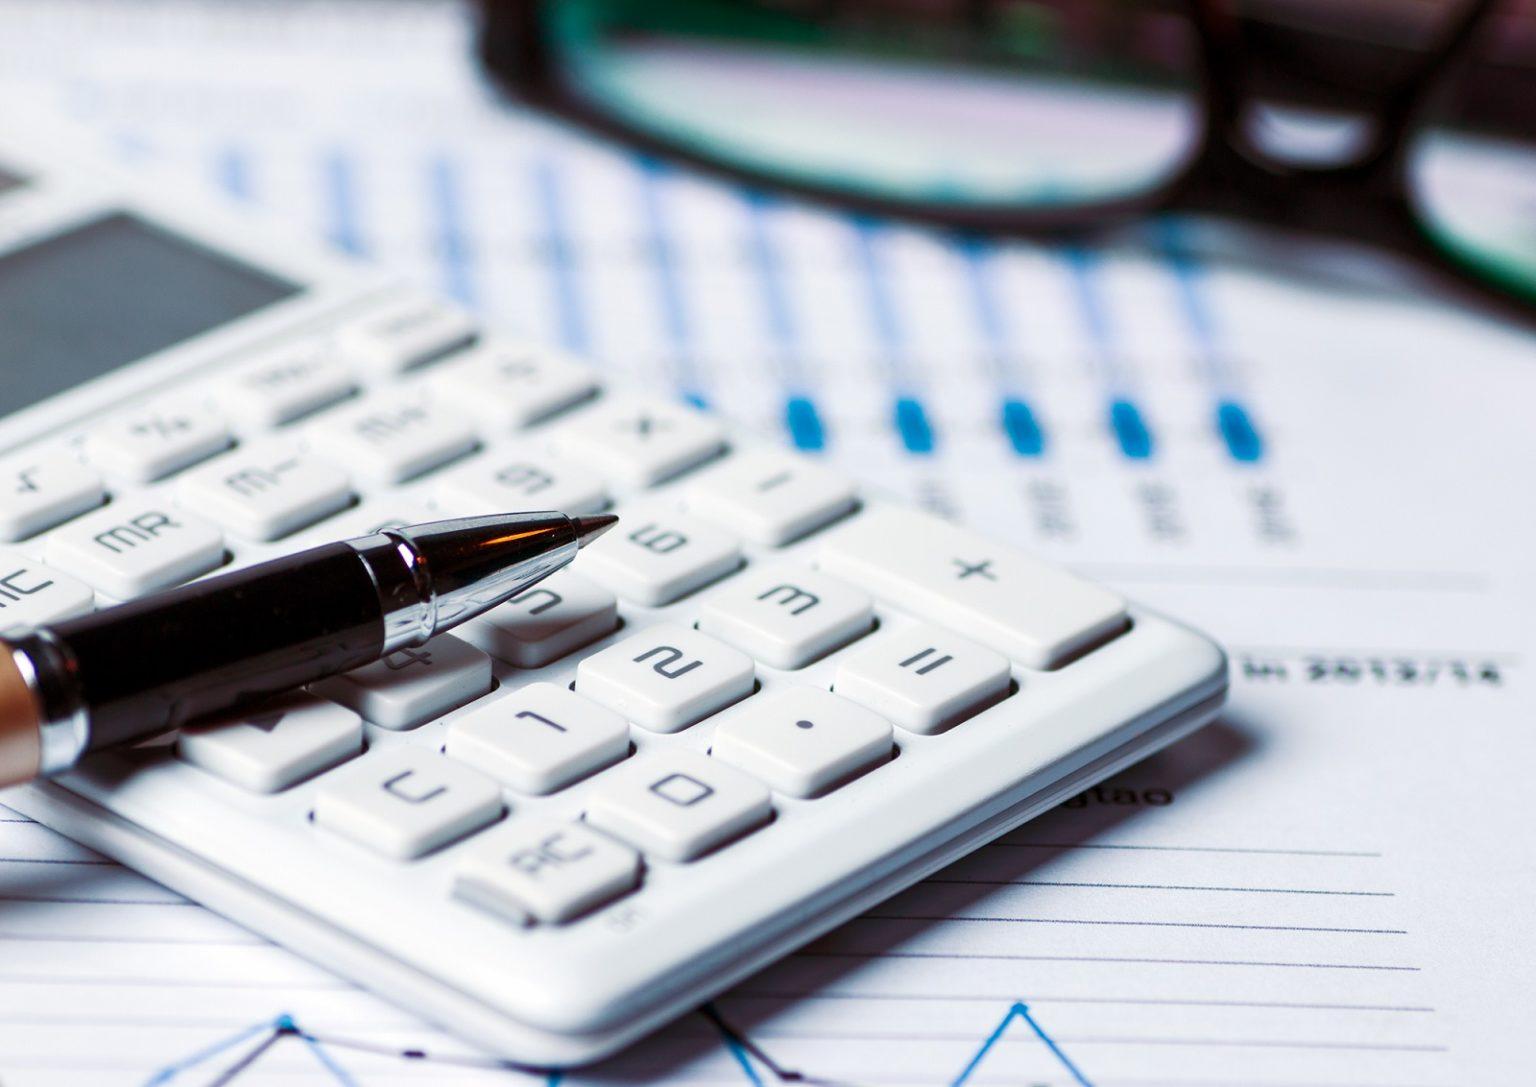 経営改善,損益分岐点,運転資金,資金繰り